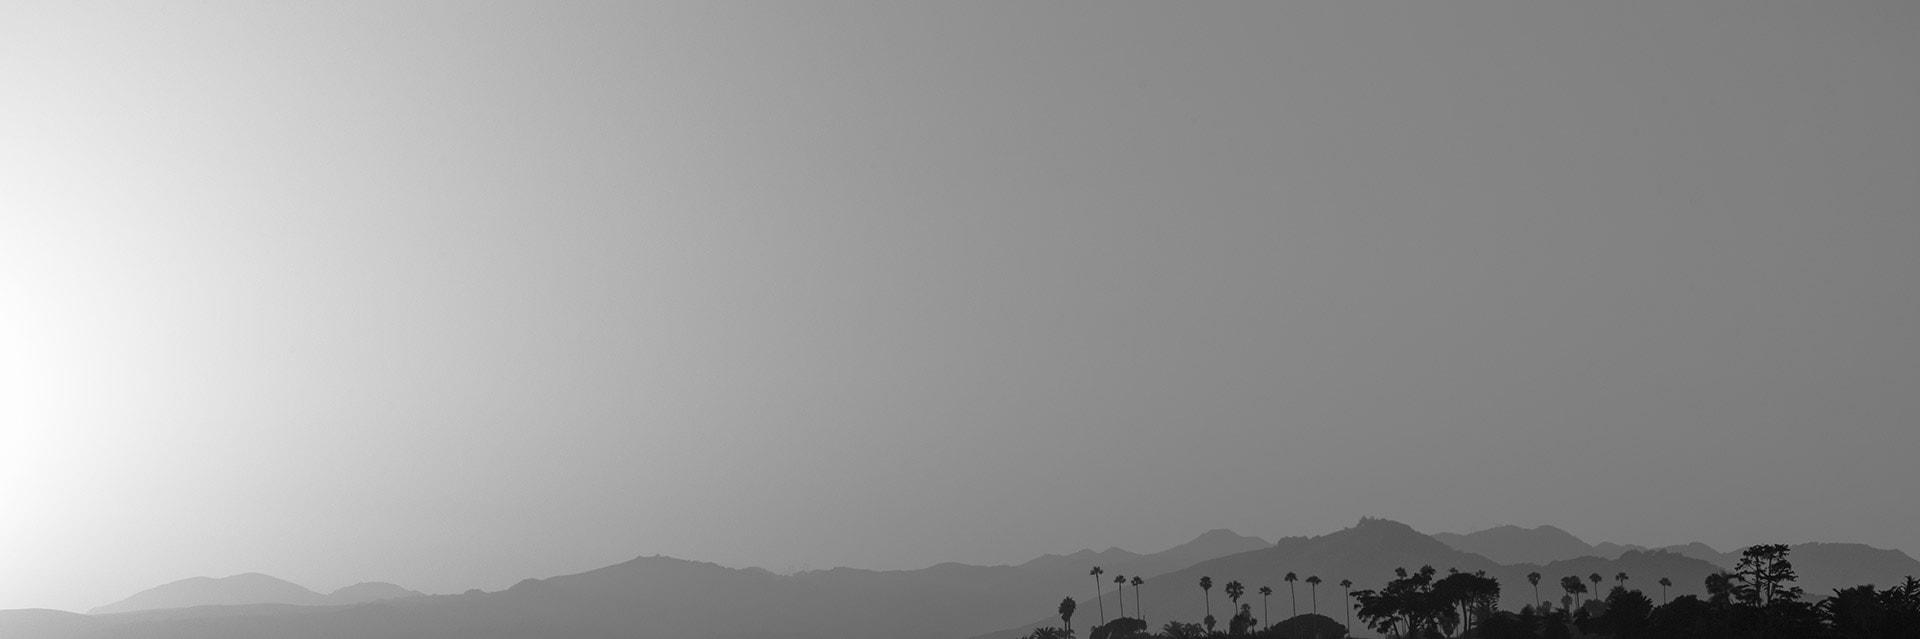 artnorama - Smokey Sundown